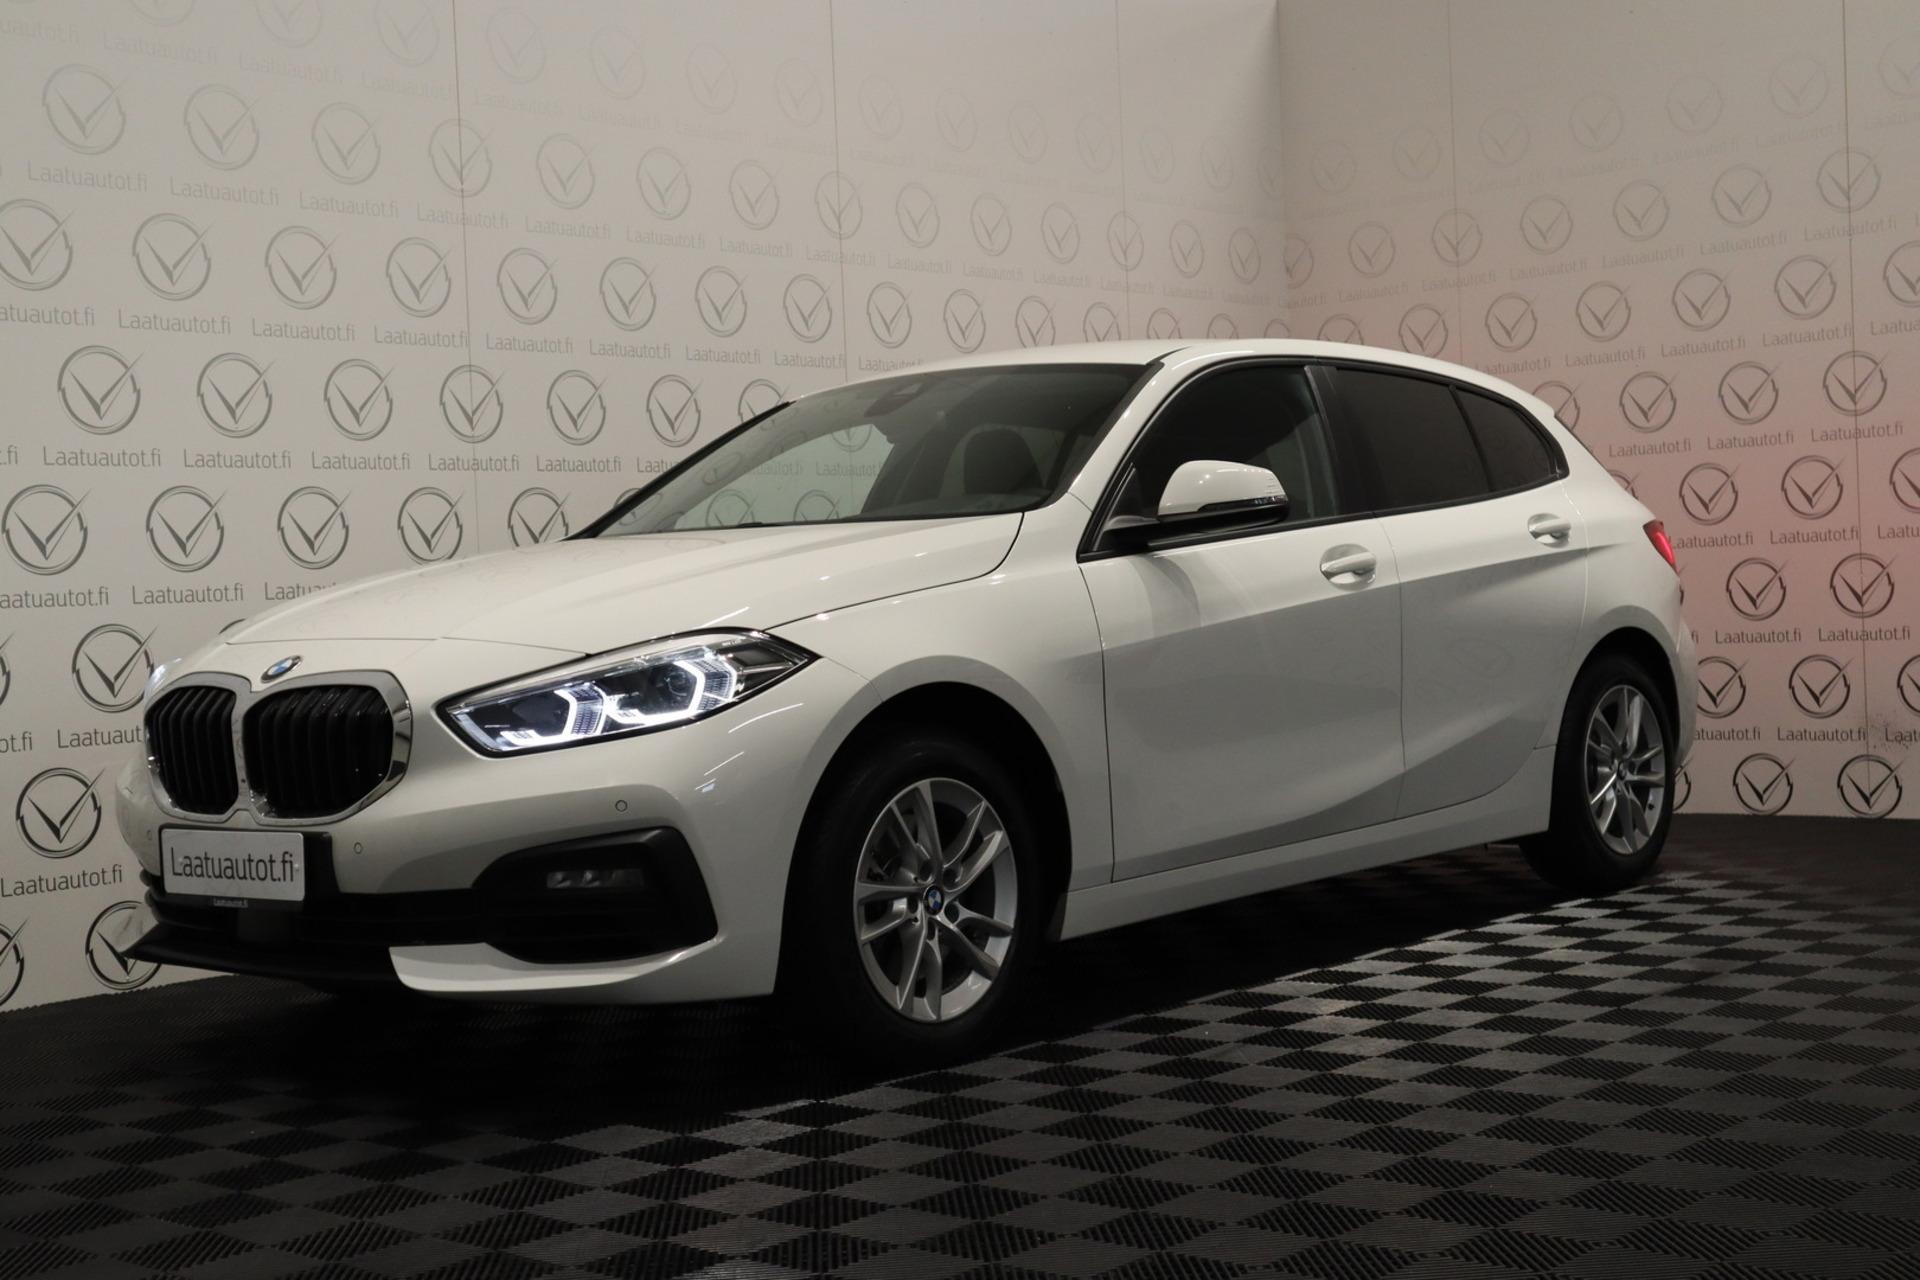 BMW 118 F40 Hatchback 118i Business - Korko: 1, 89% + kulut! Jopa ilman käsirahaa! M-urheiluohjauspyörä,  Navi,  Led-valot,  PDC,  Auto-ac